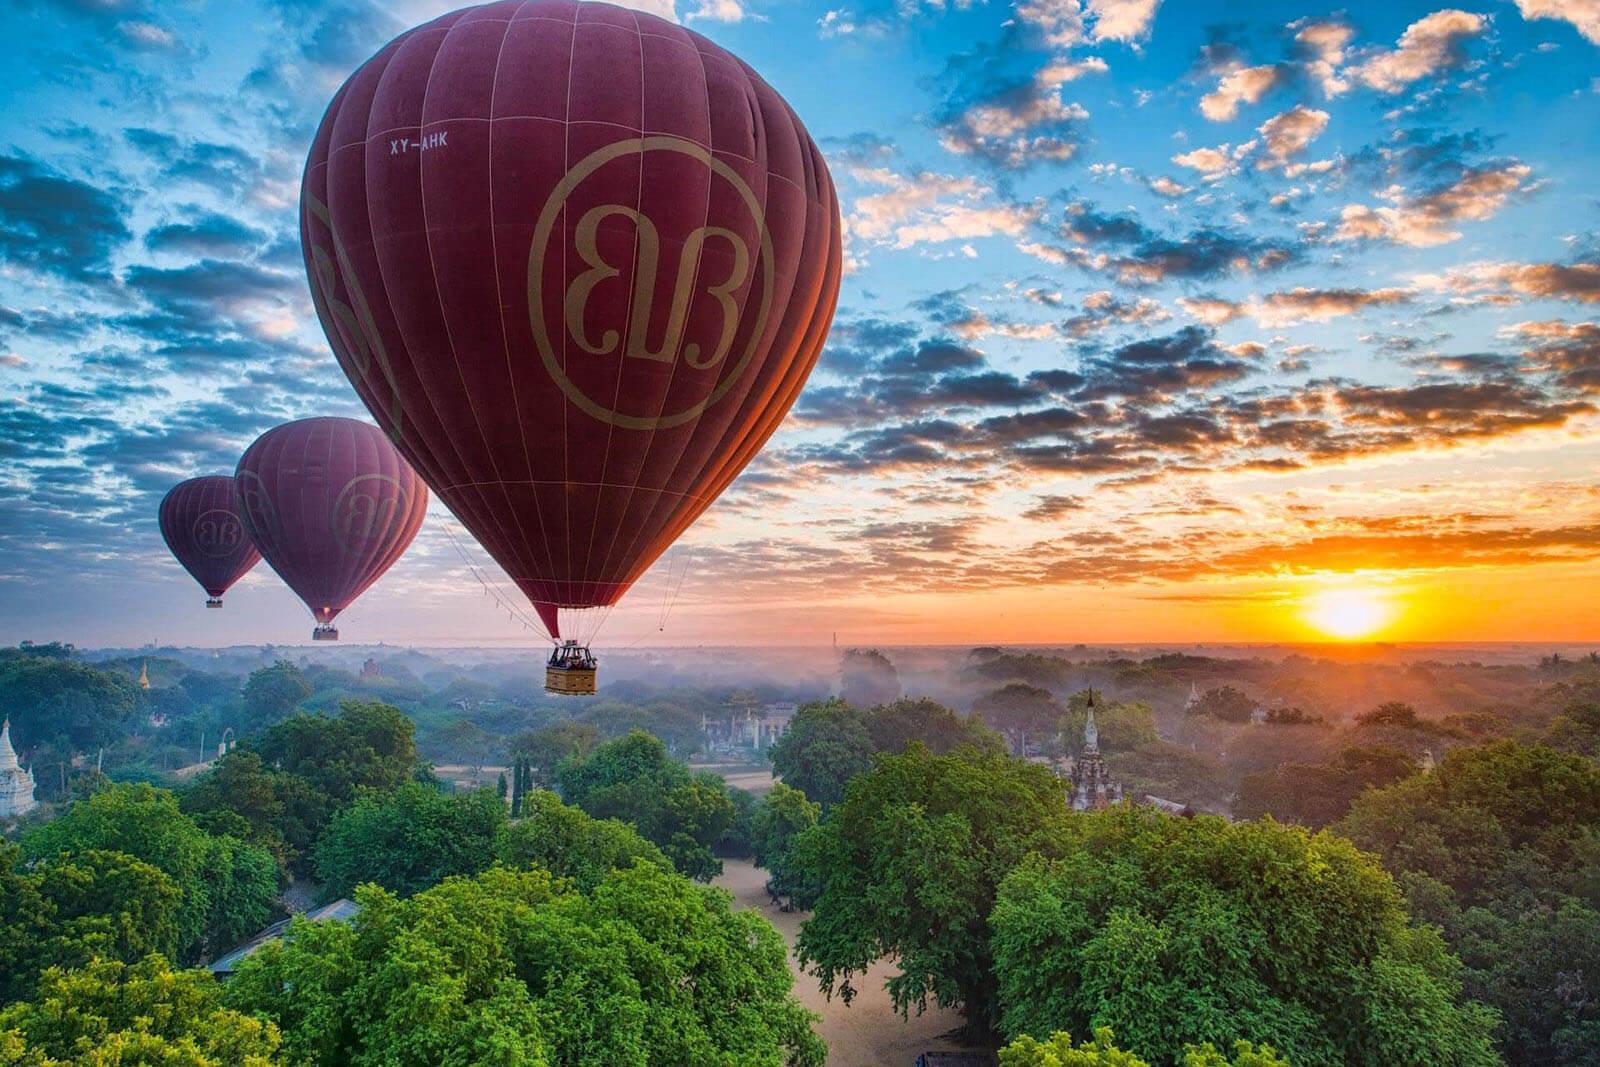 myanmar-burma-pagodas-ballons